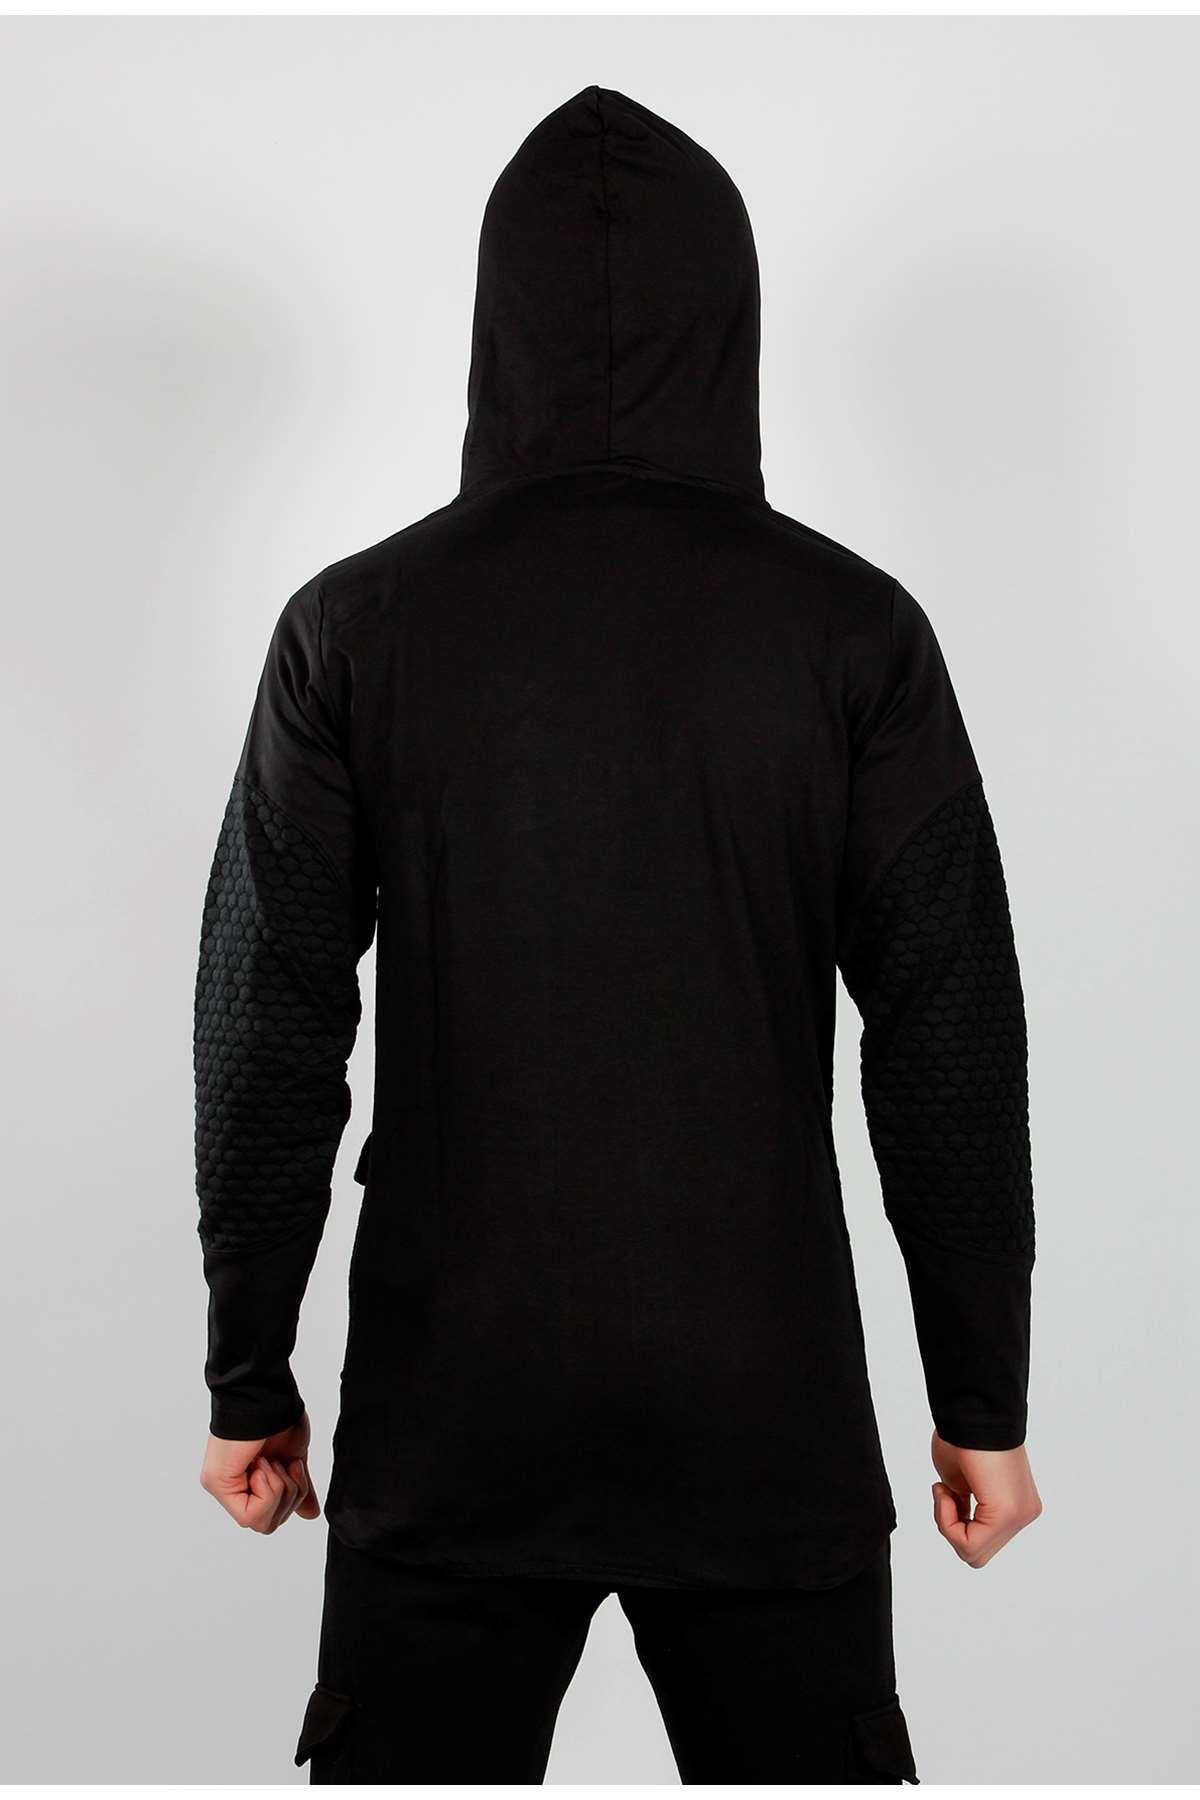 Oval Desenli Kemerli Kapşonlu Sweatshirt Siyah